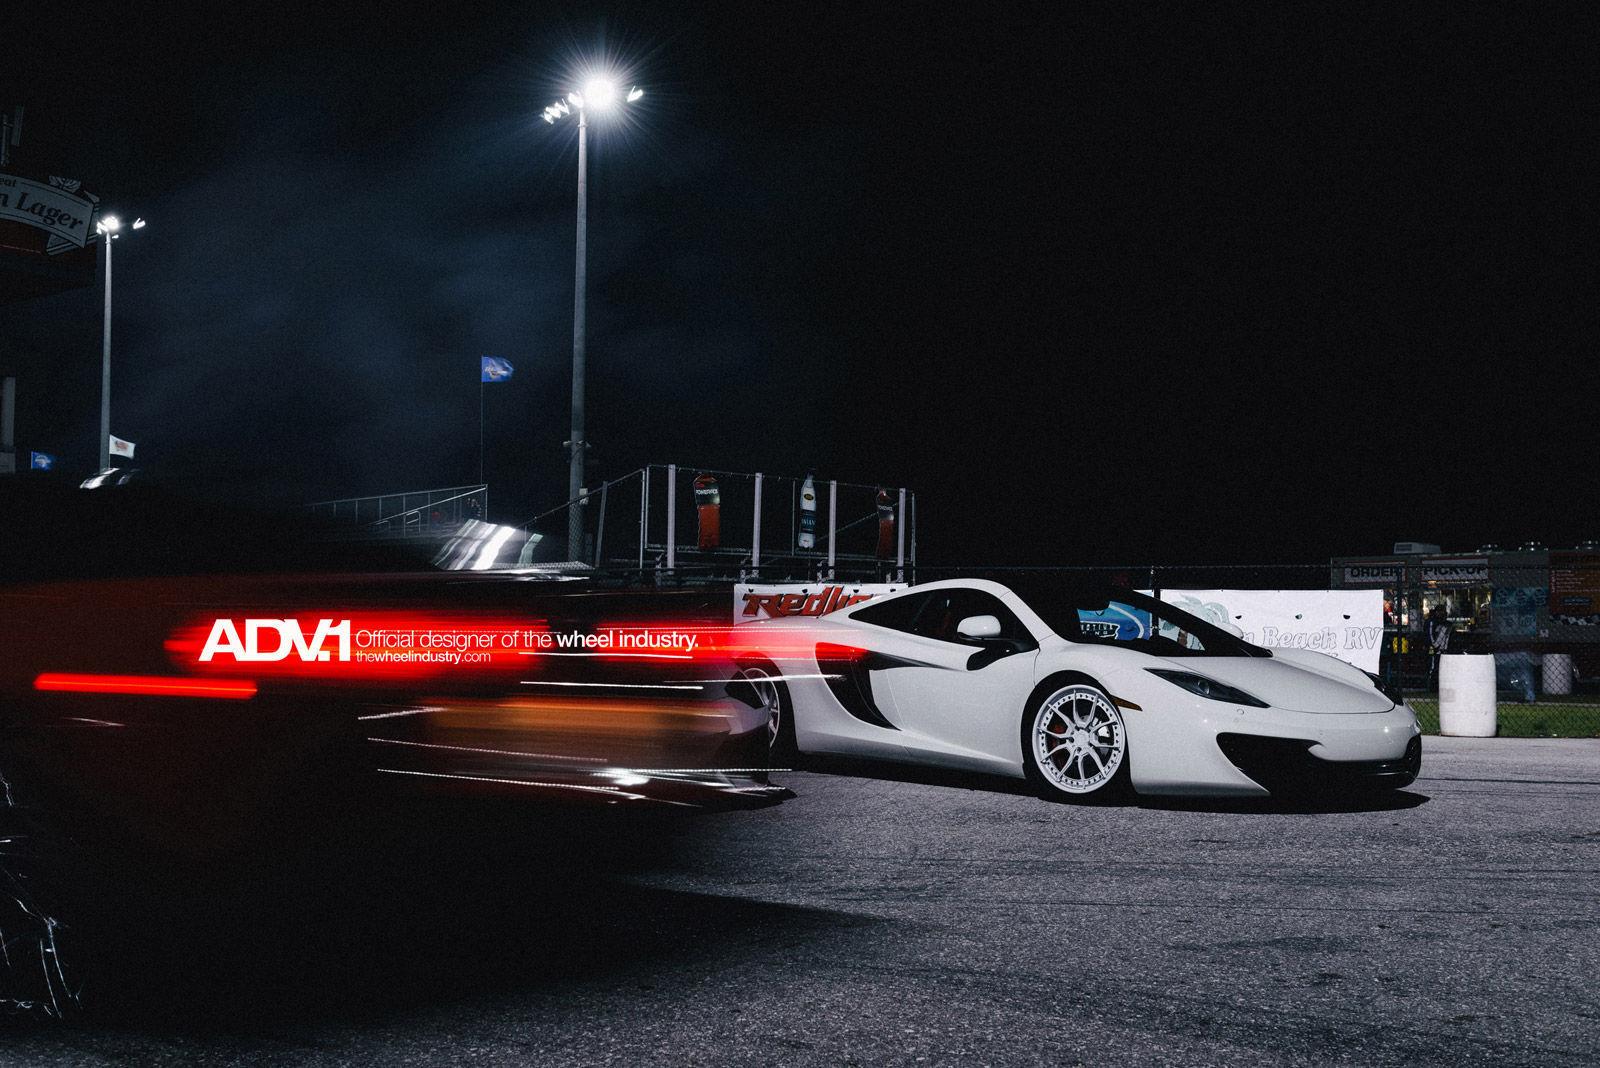 2012 McLaren MP4-12C | '12 McLaren MP4 12C on ADV.1's